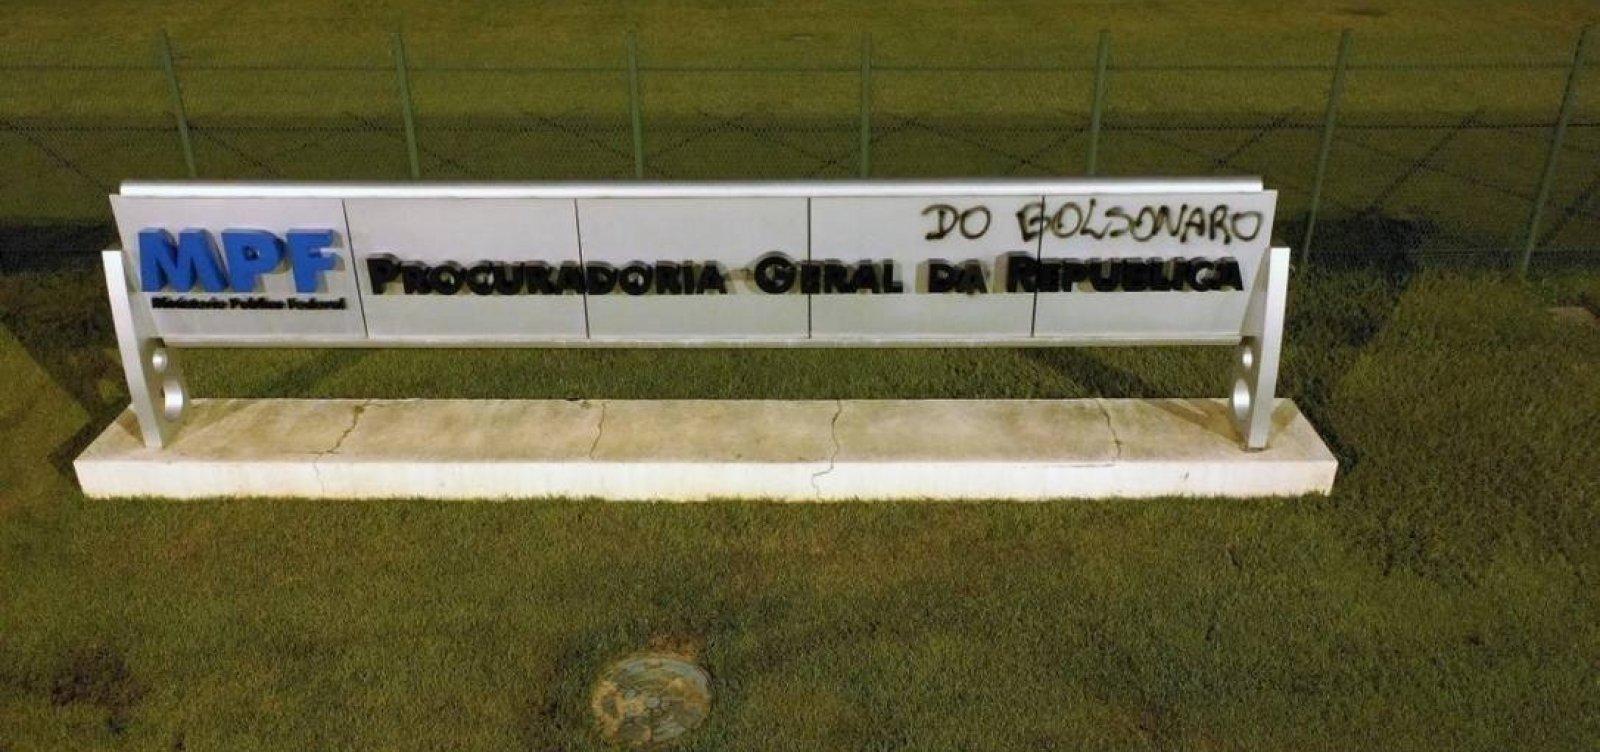 [Sede da PGR amanhece pichada com nome de 'Procuradoria-Geral do Bolsonaro']